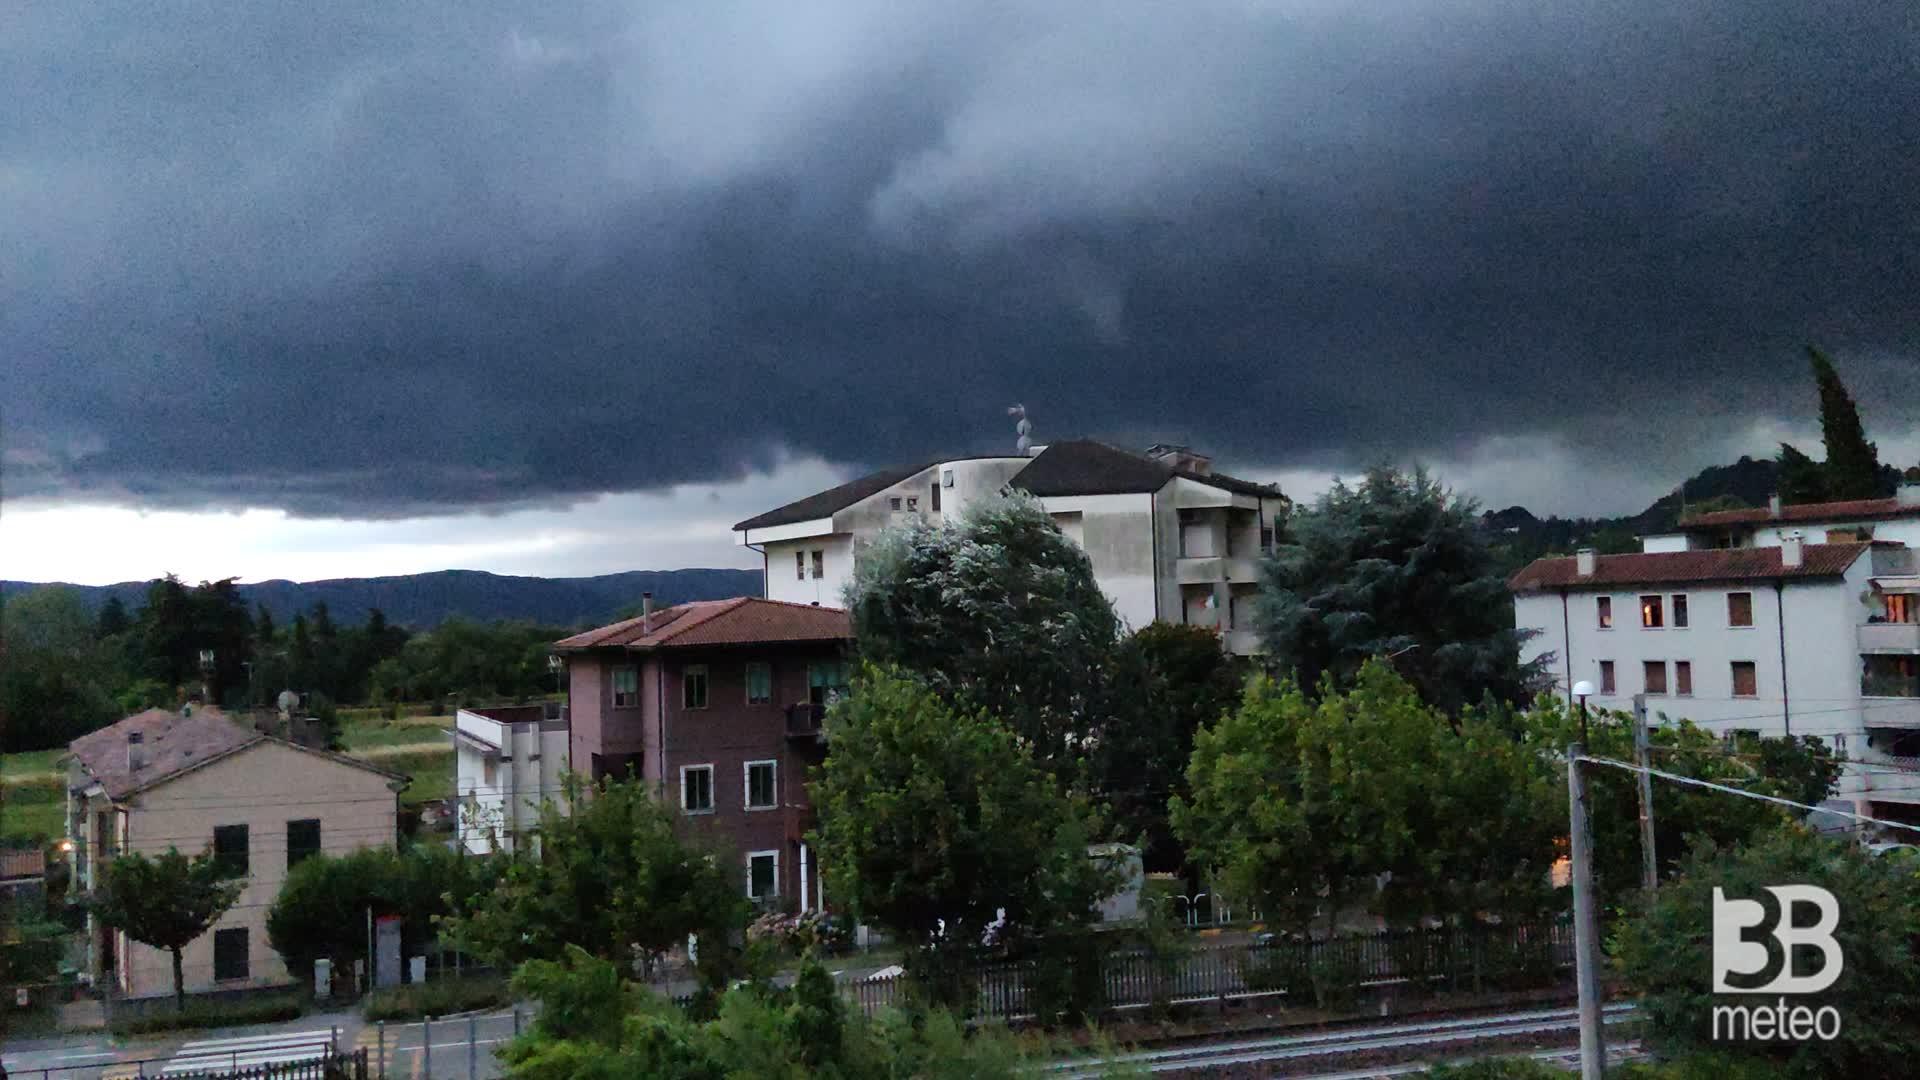 CRONACA METEO - Il temporale dell'8 luglio a Vicenza - VIDEO